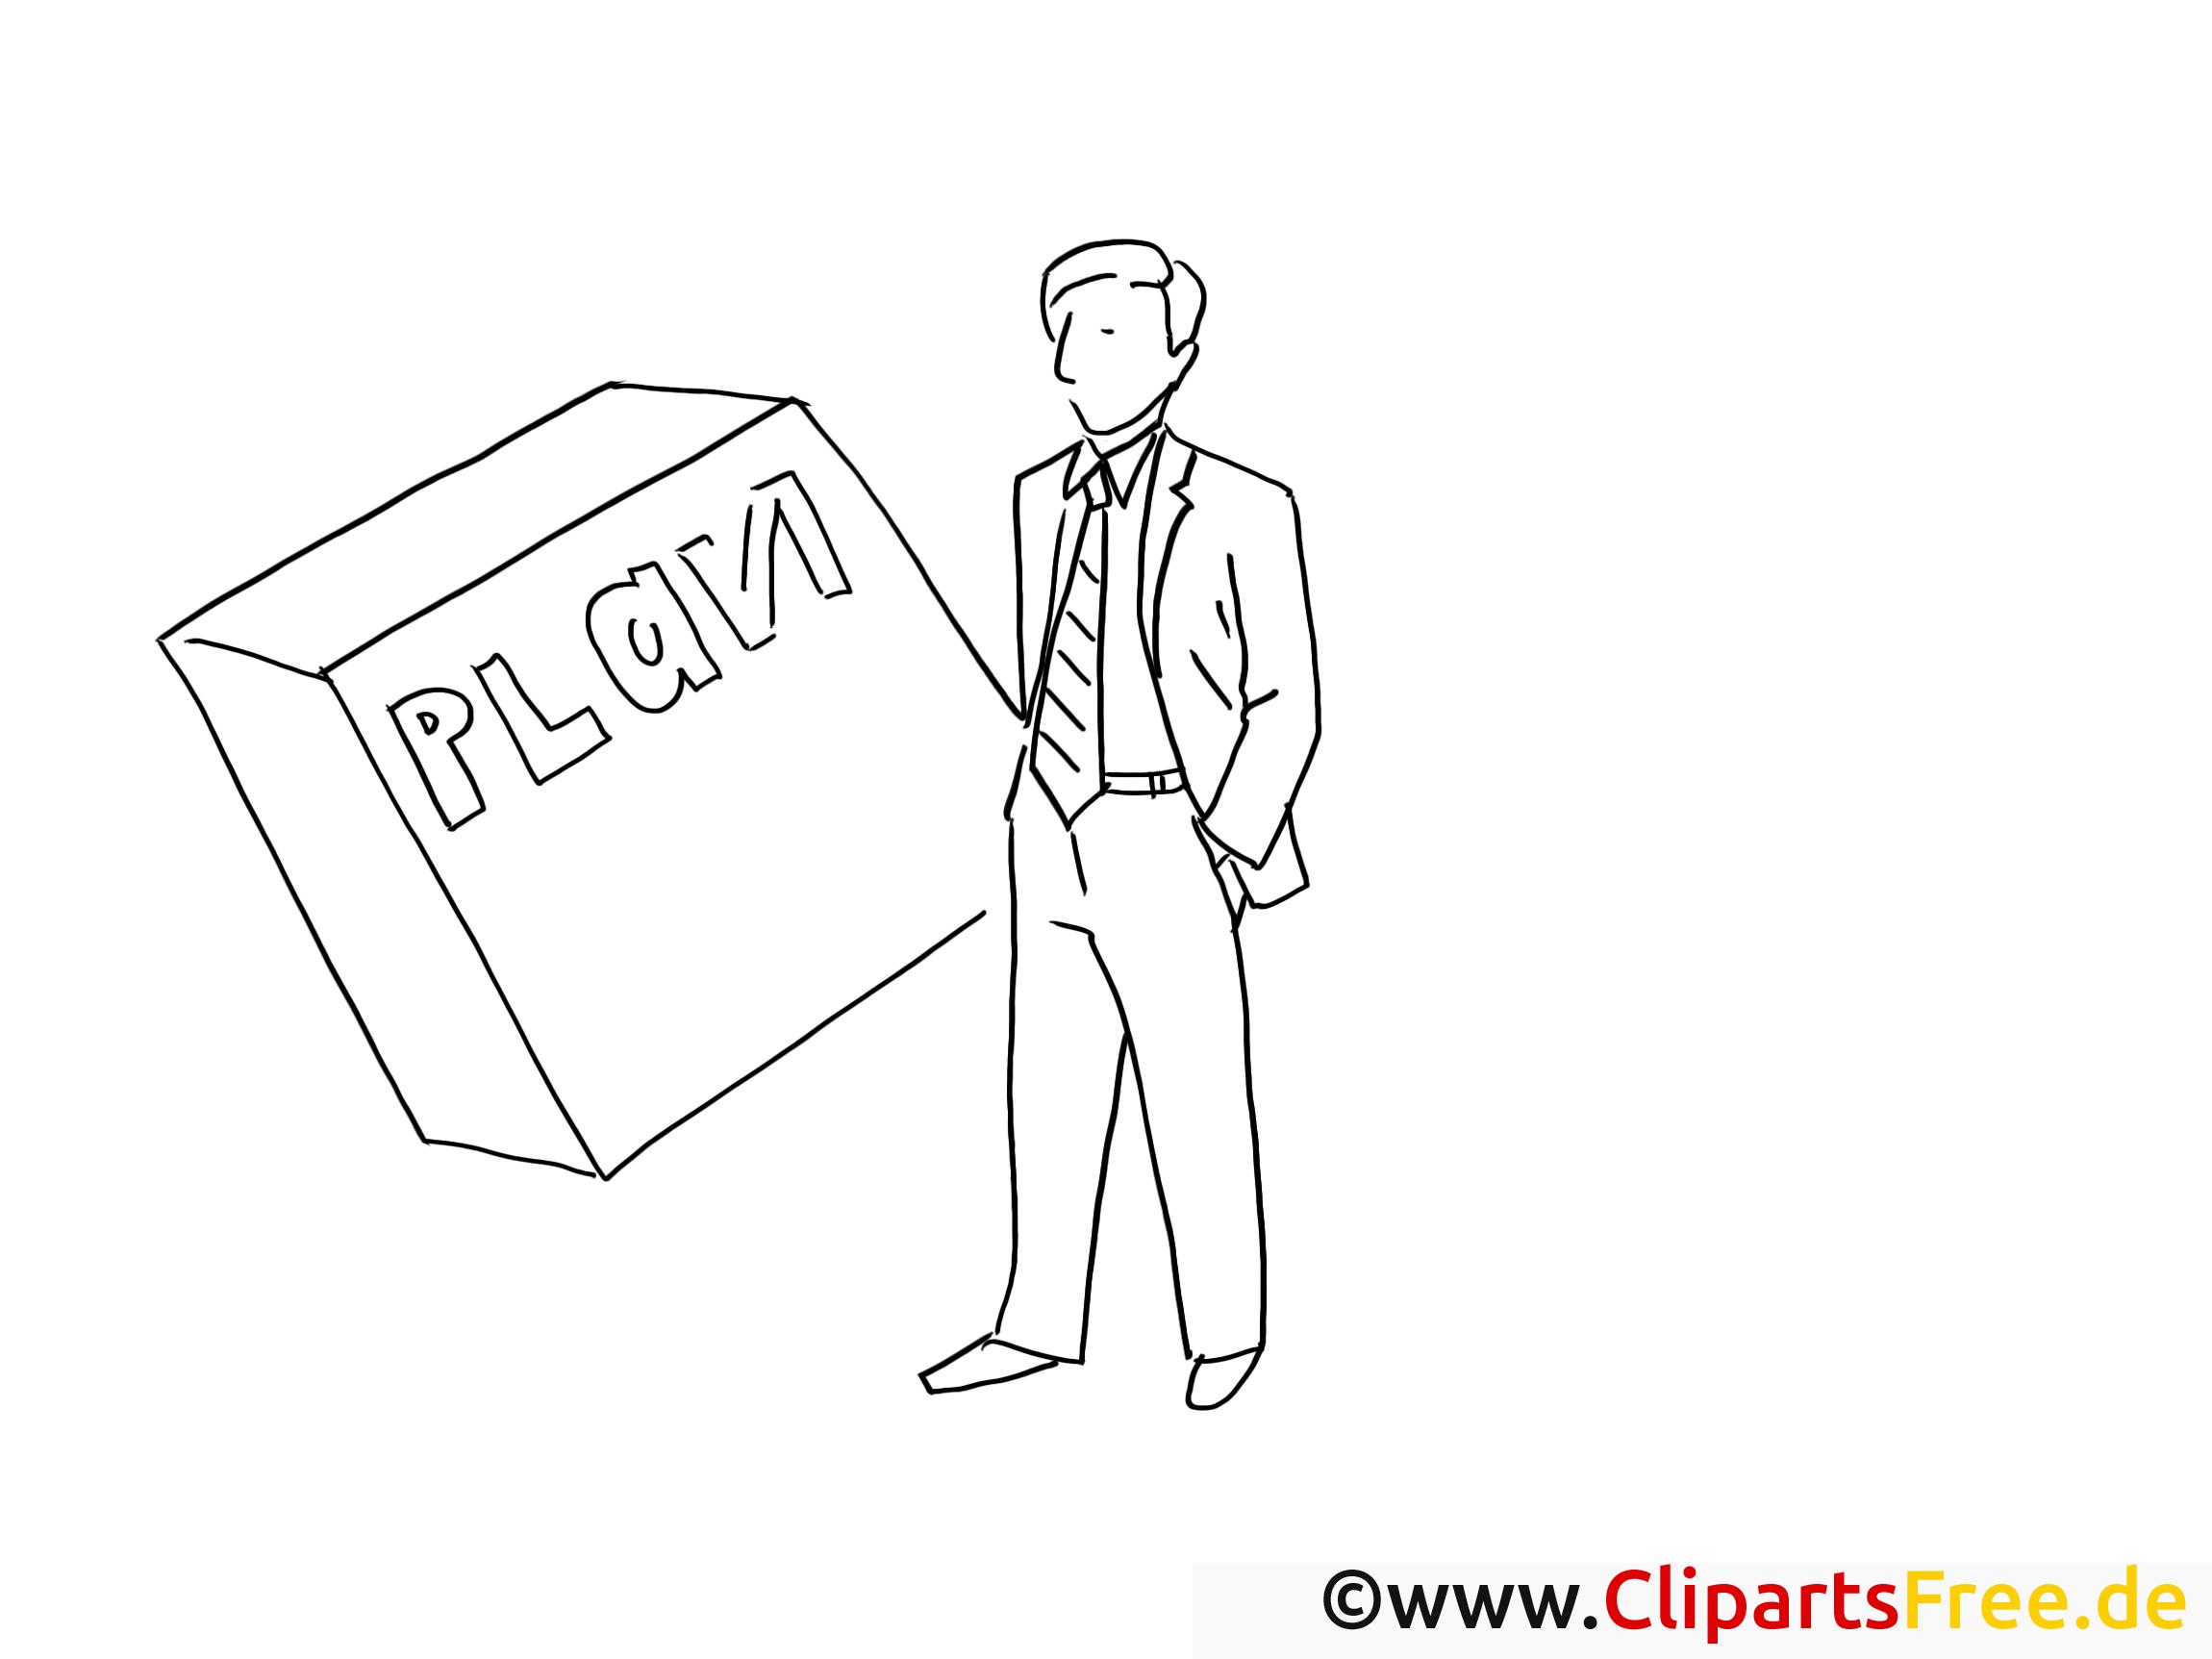 Businessplan Berufsbetreuer - businessplanaktuell